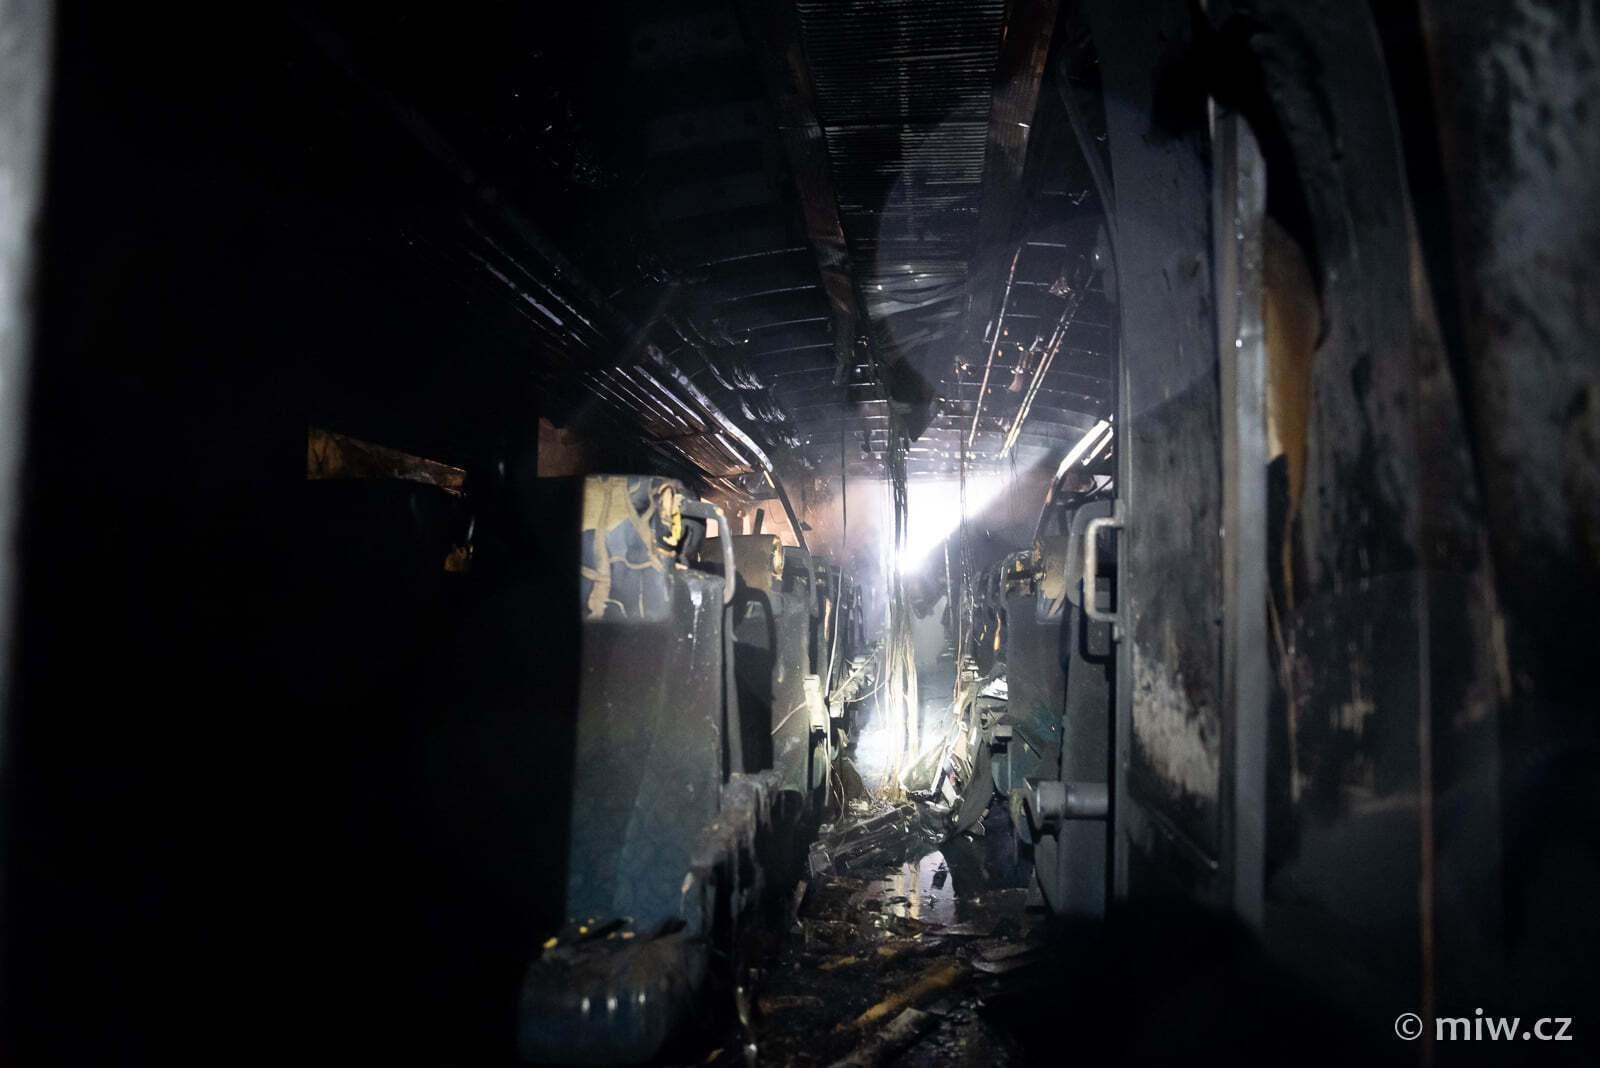 Внутри выгоревшего вагона